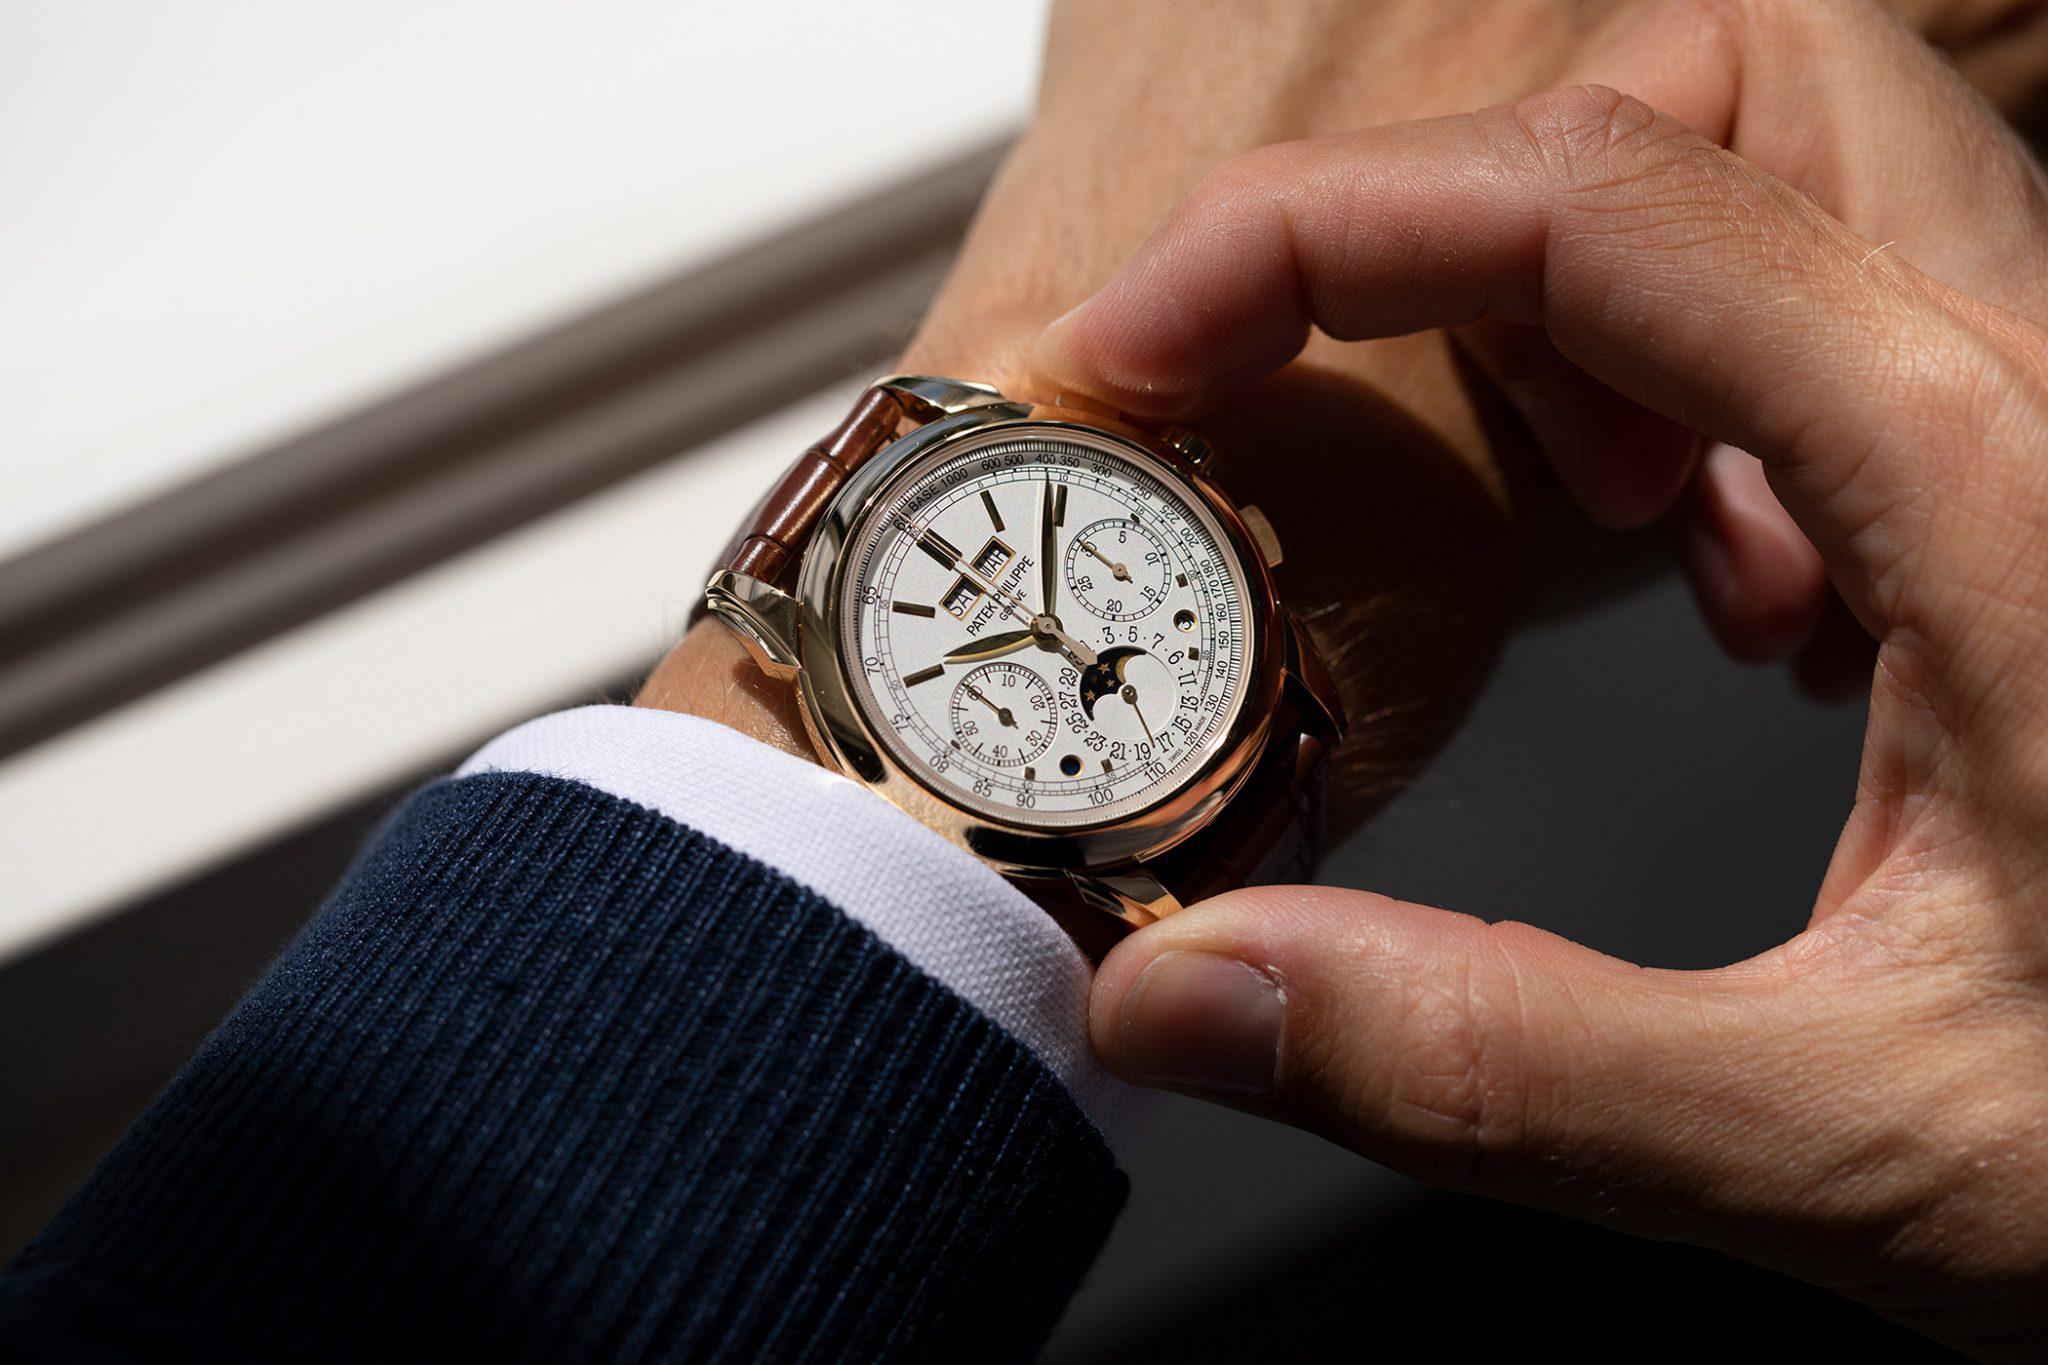 5 mẫu đồng hồ với chức năng lịch vạn niên đáng sở hữu nhất